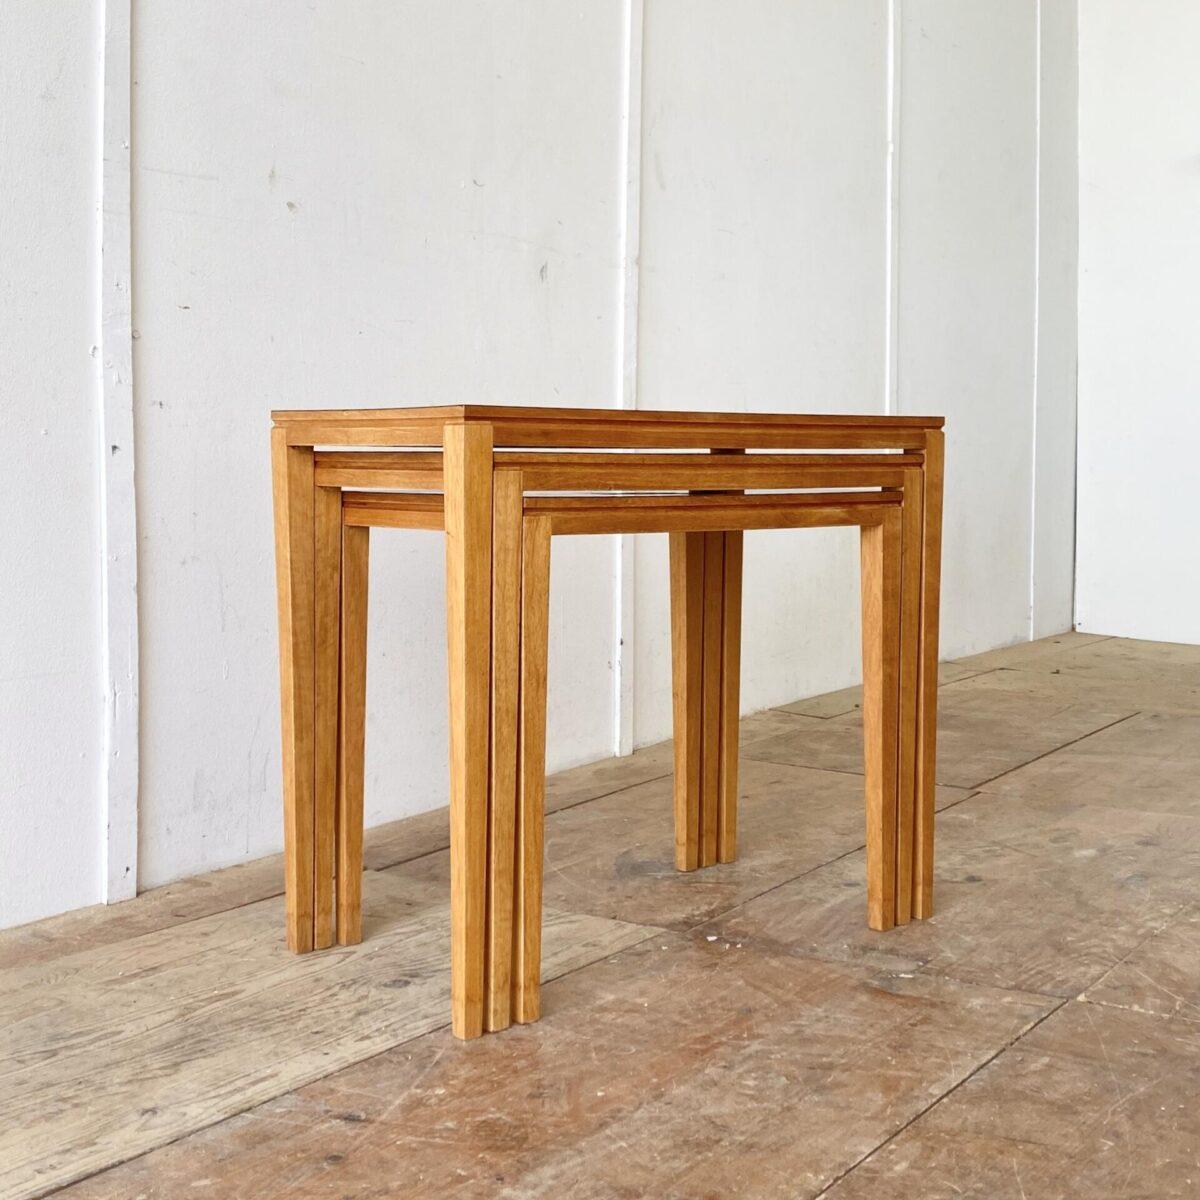 Feingliedrige Satztische. 75x40cm Höhe 63.5cm. Die wasserfeste Kunstharz Oberfläche bietet die ideale Grundlage für Pflanzentöpfe. Aber auch passend als Salontisch, Beistelltisch oder Nachttisch.